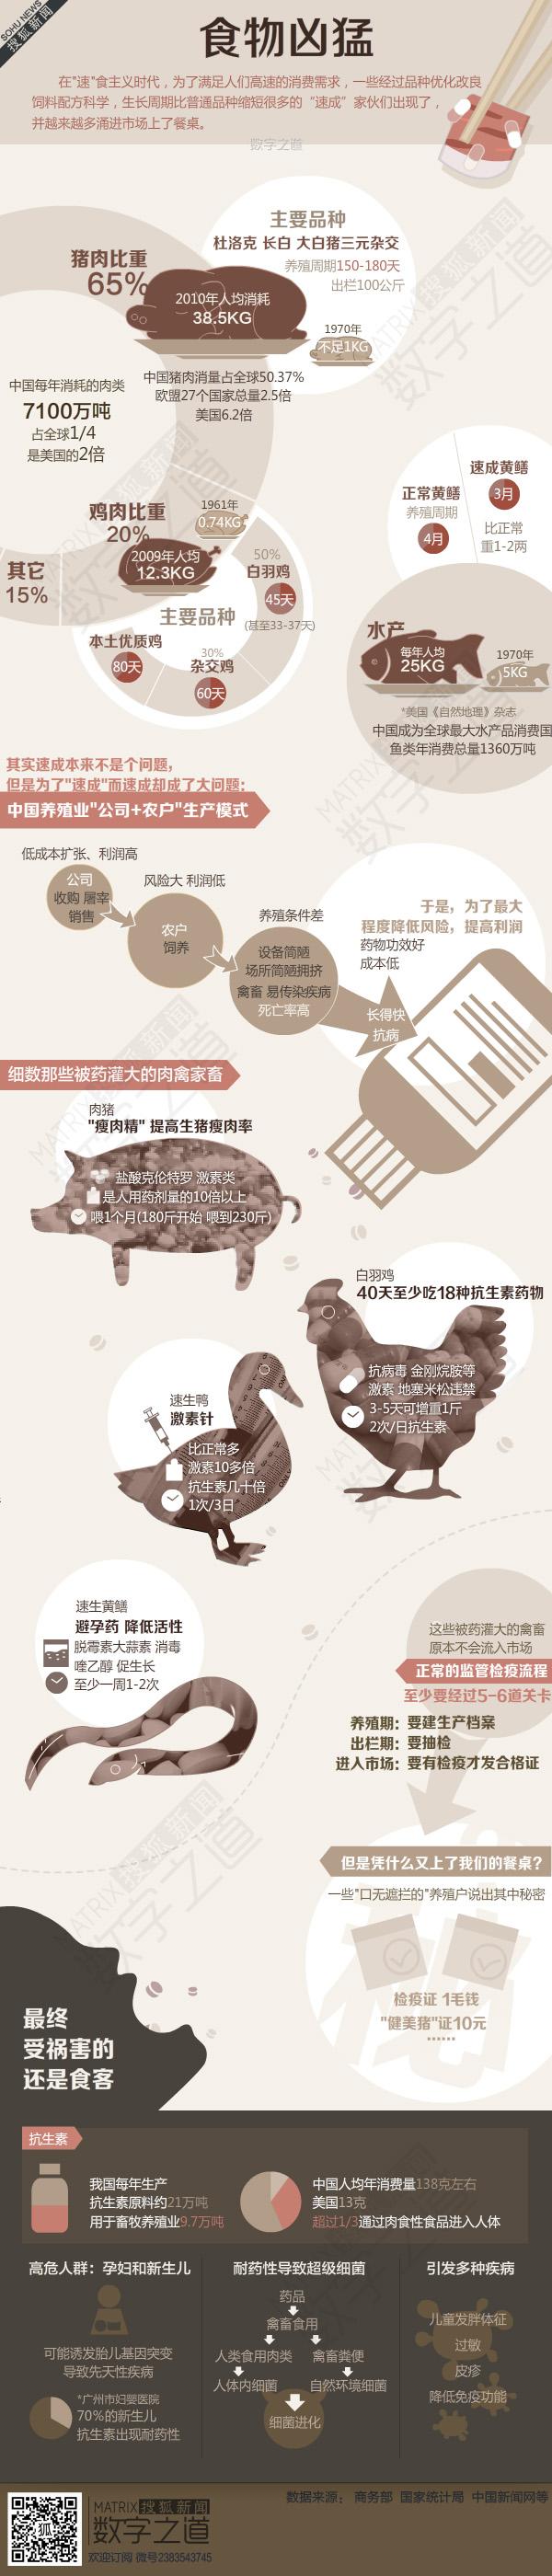 你吃的是肉还是毒 凶猛的食物 - SCI.OSIFU VEGAN - SCI.OSIFU VEGAN 素食有理